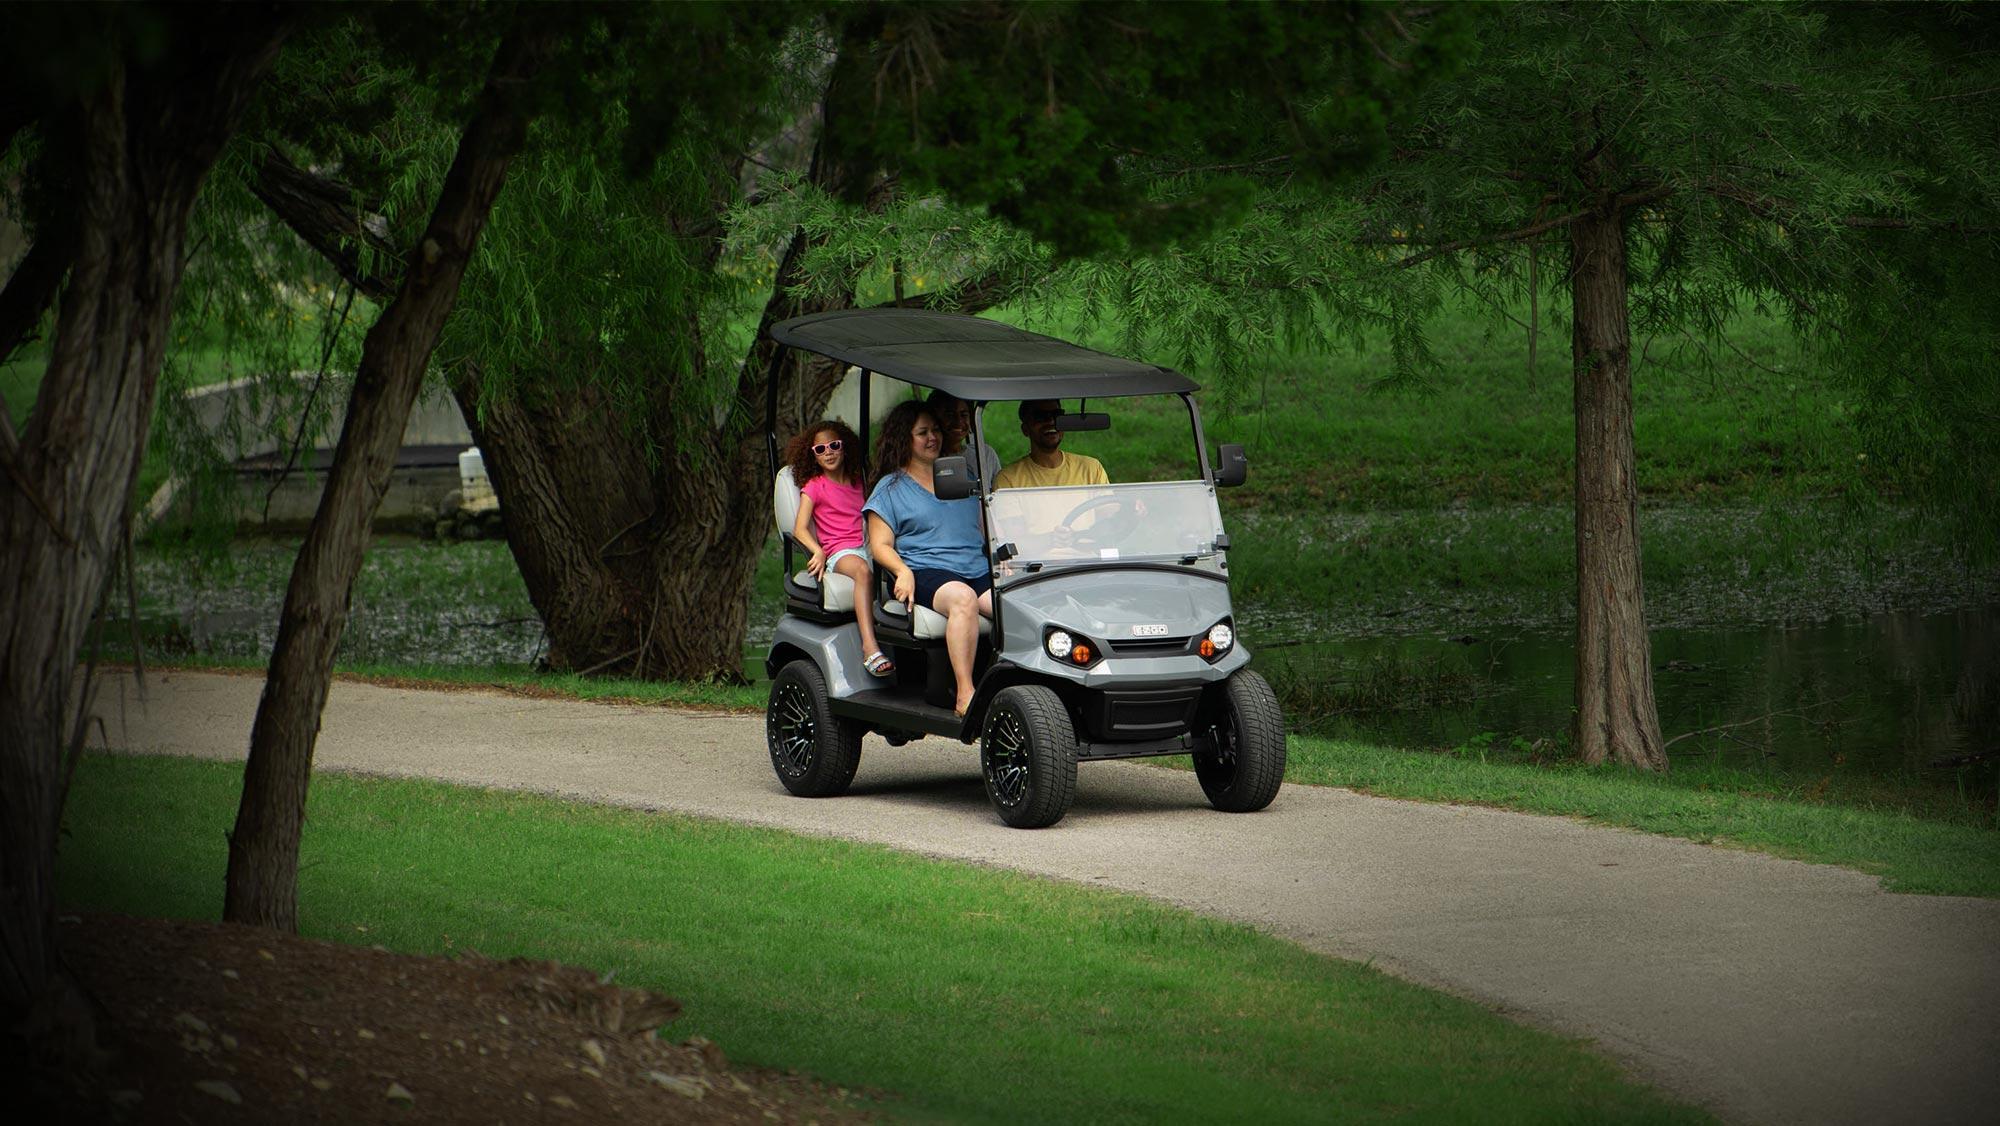 E-Z-GO Environmentally-Friendly Golf Cart